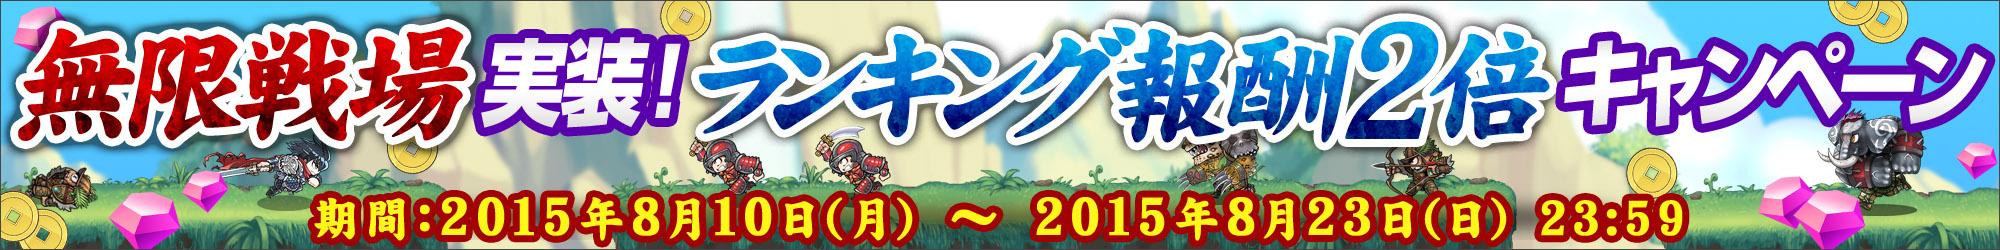 【無限戦場実装記念!】ランキング報酬2倍キャンペーン